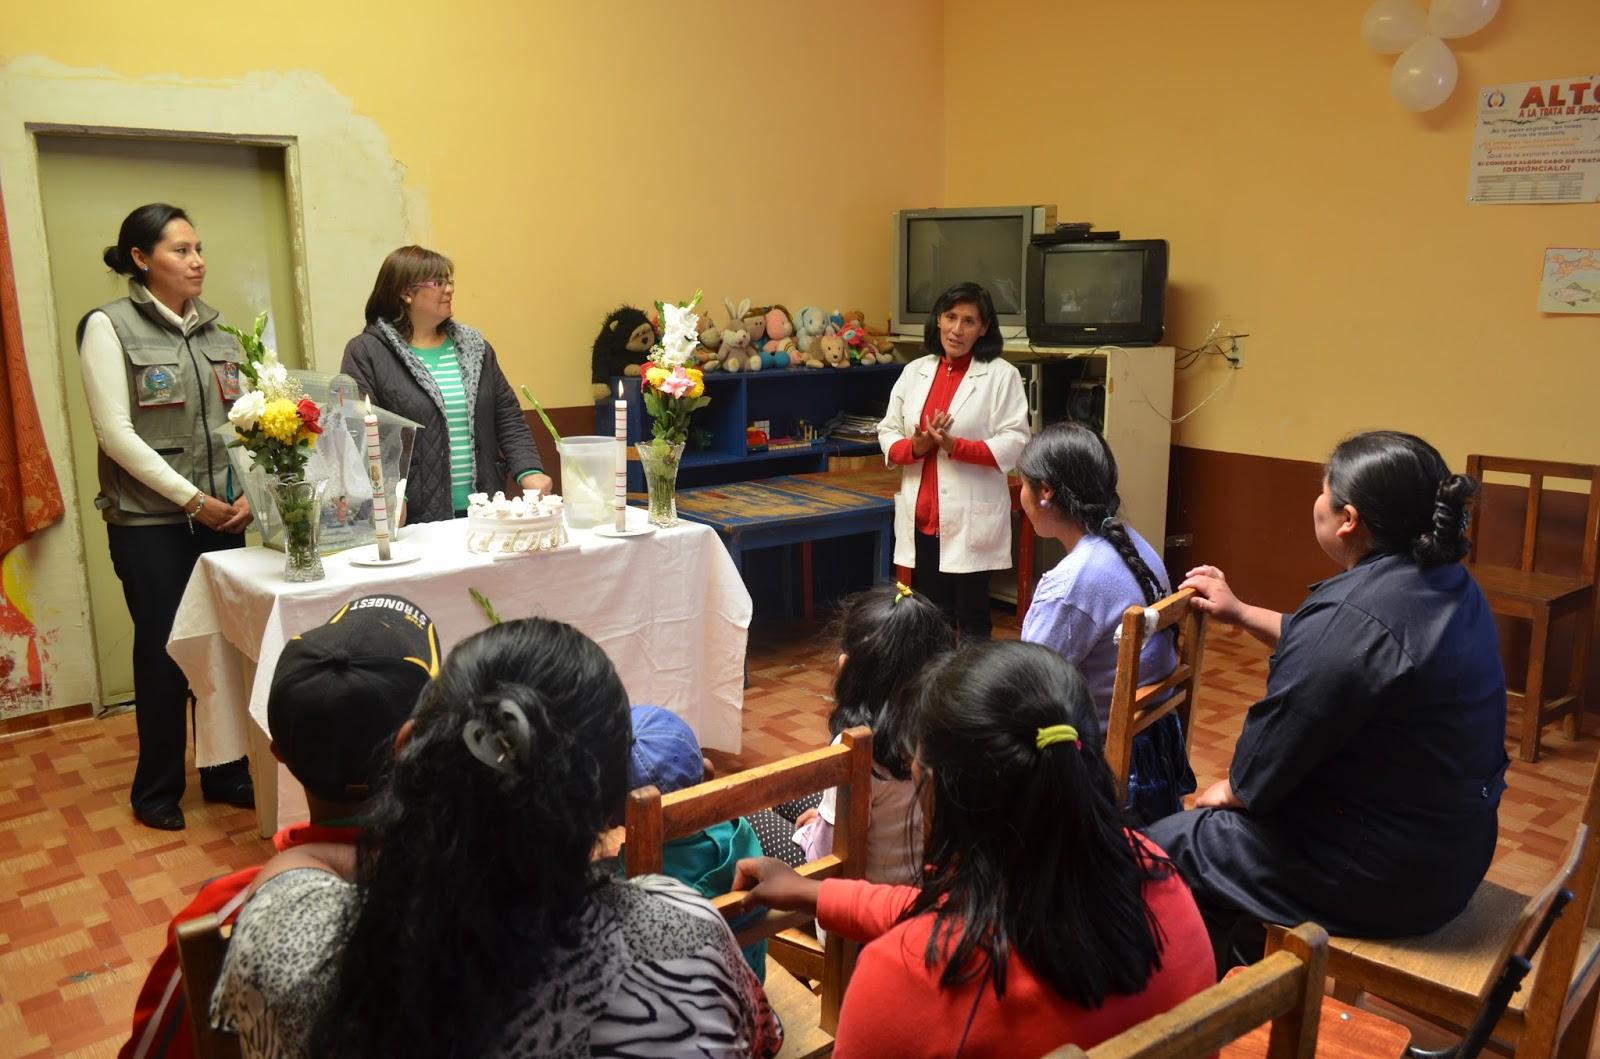 Centro brinda un servicio de atención integral a mujeres víctimas de violencia desde los 18 a 59 años